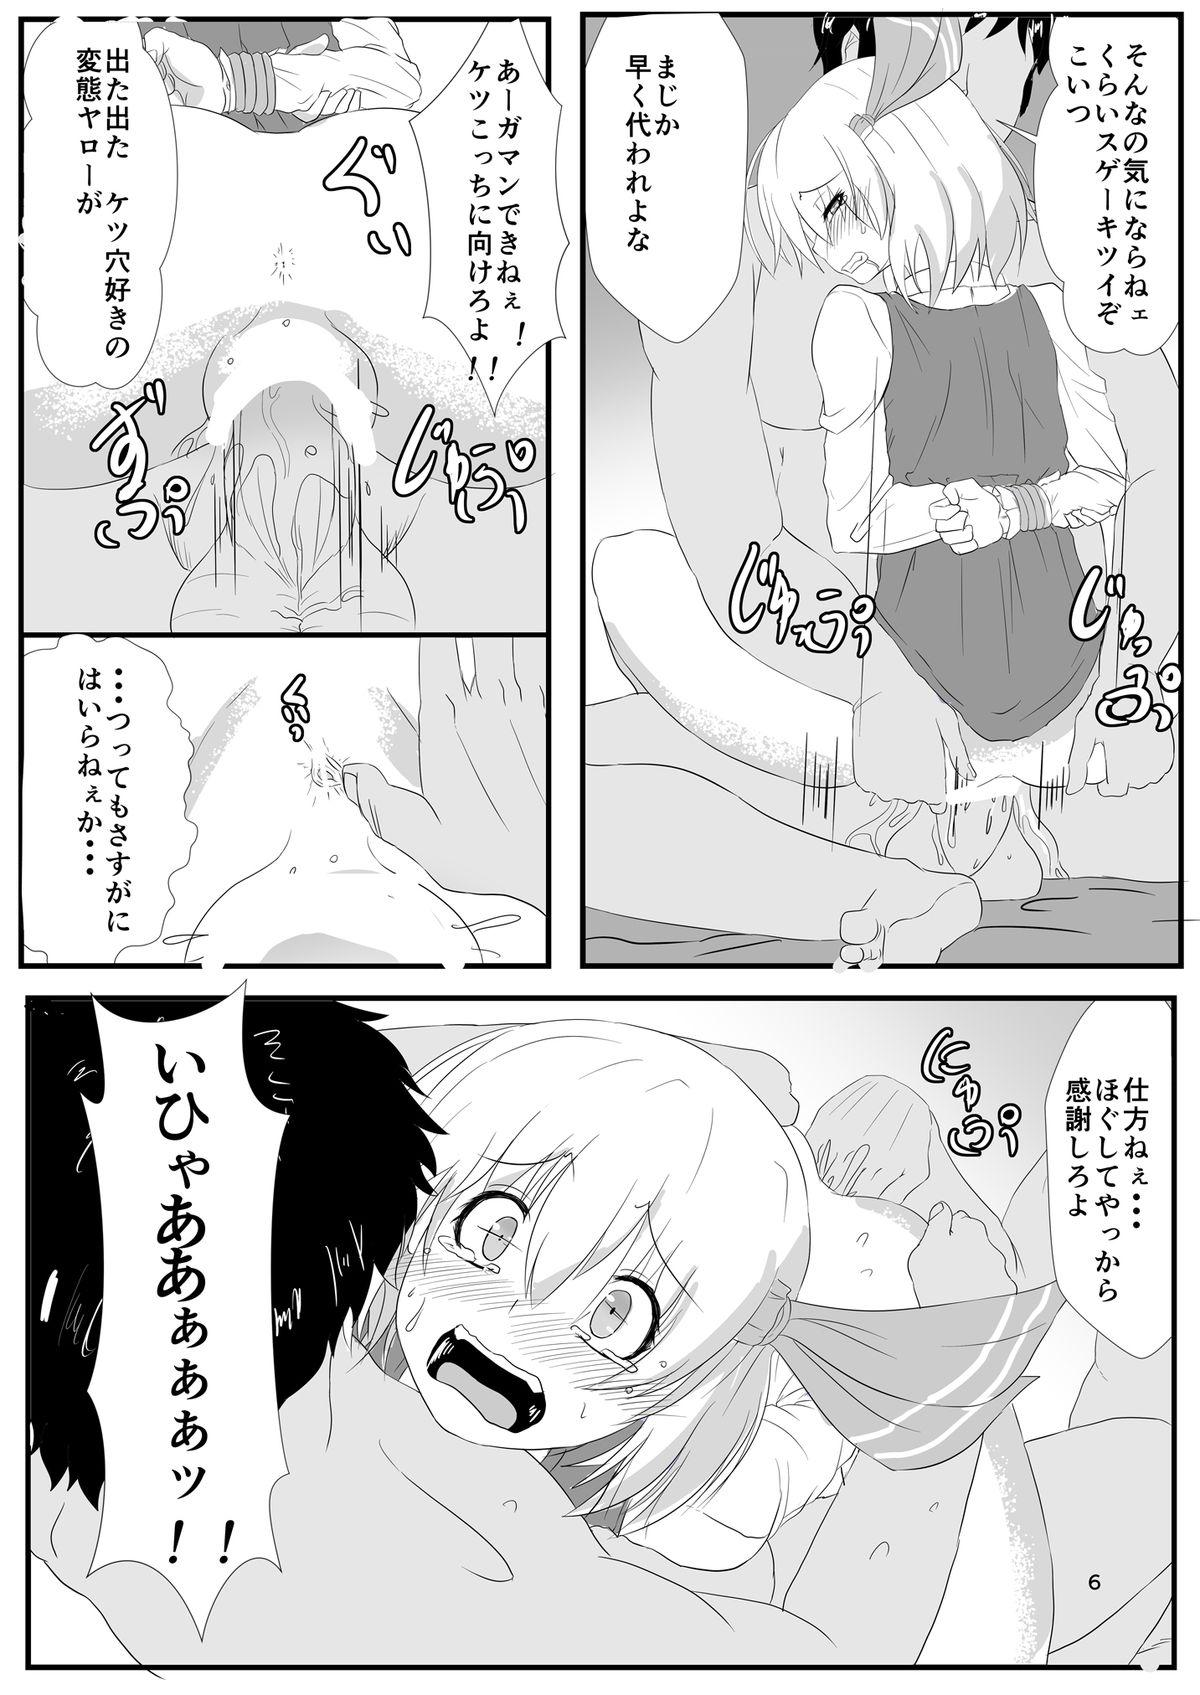 Otomekui 6